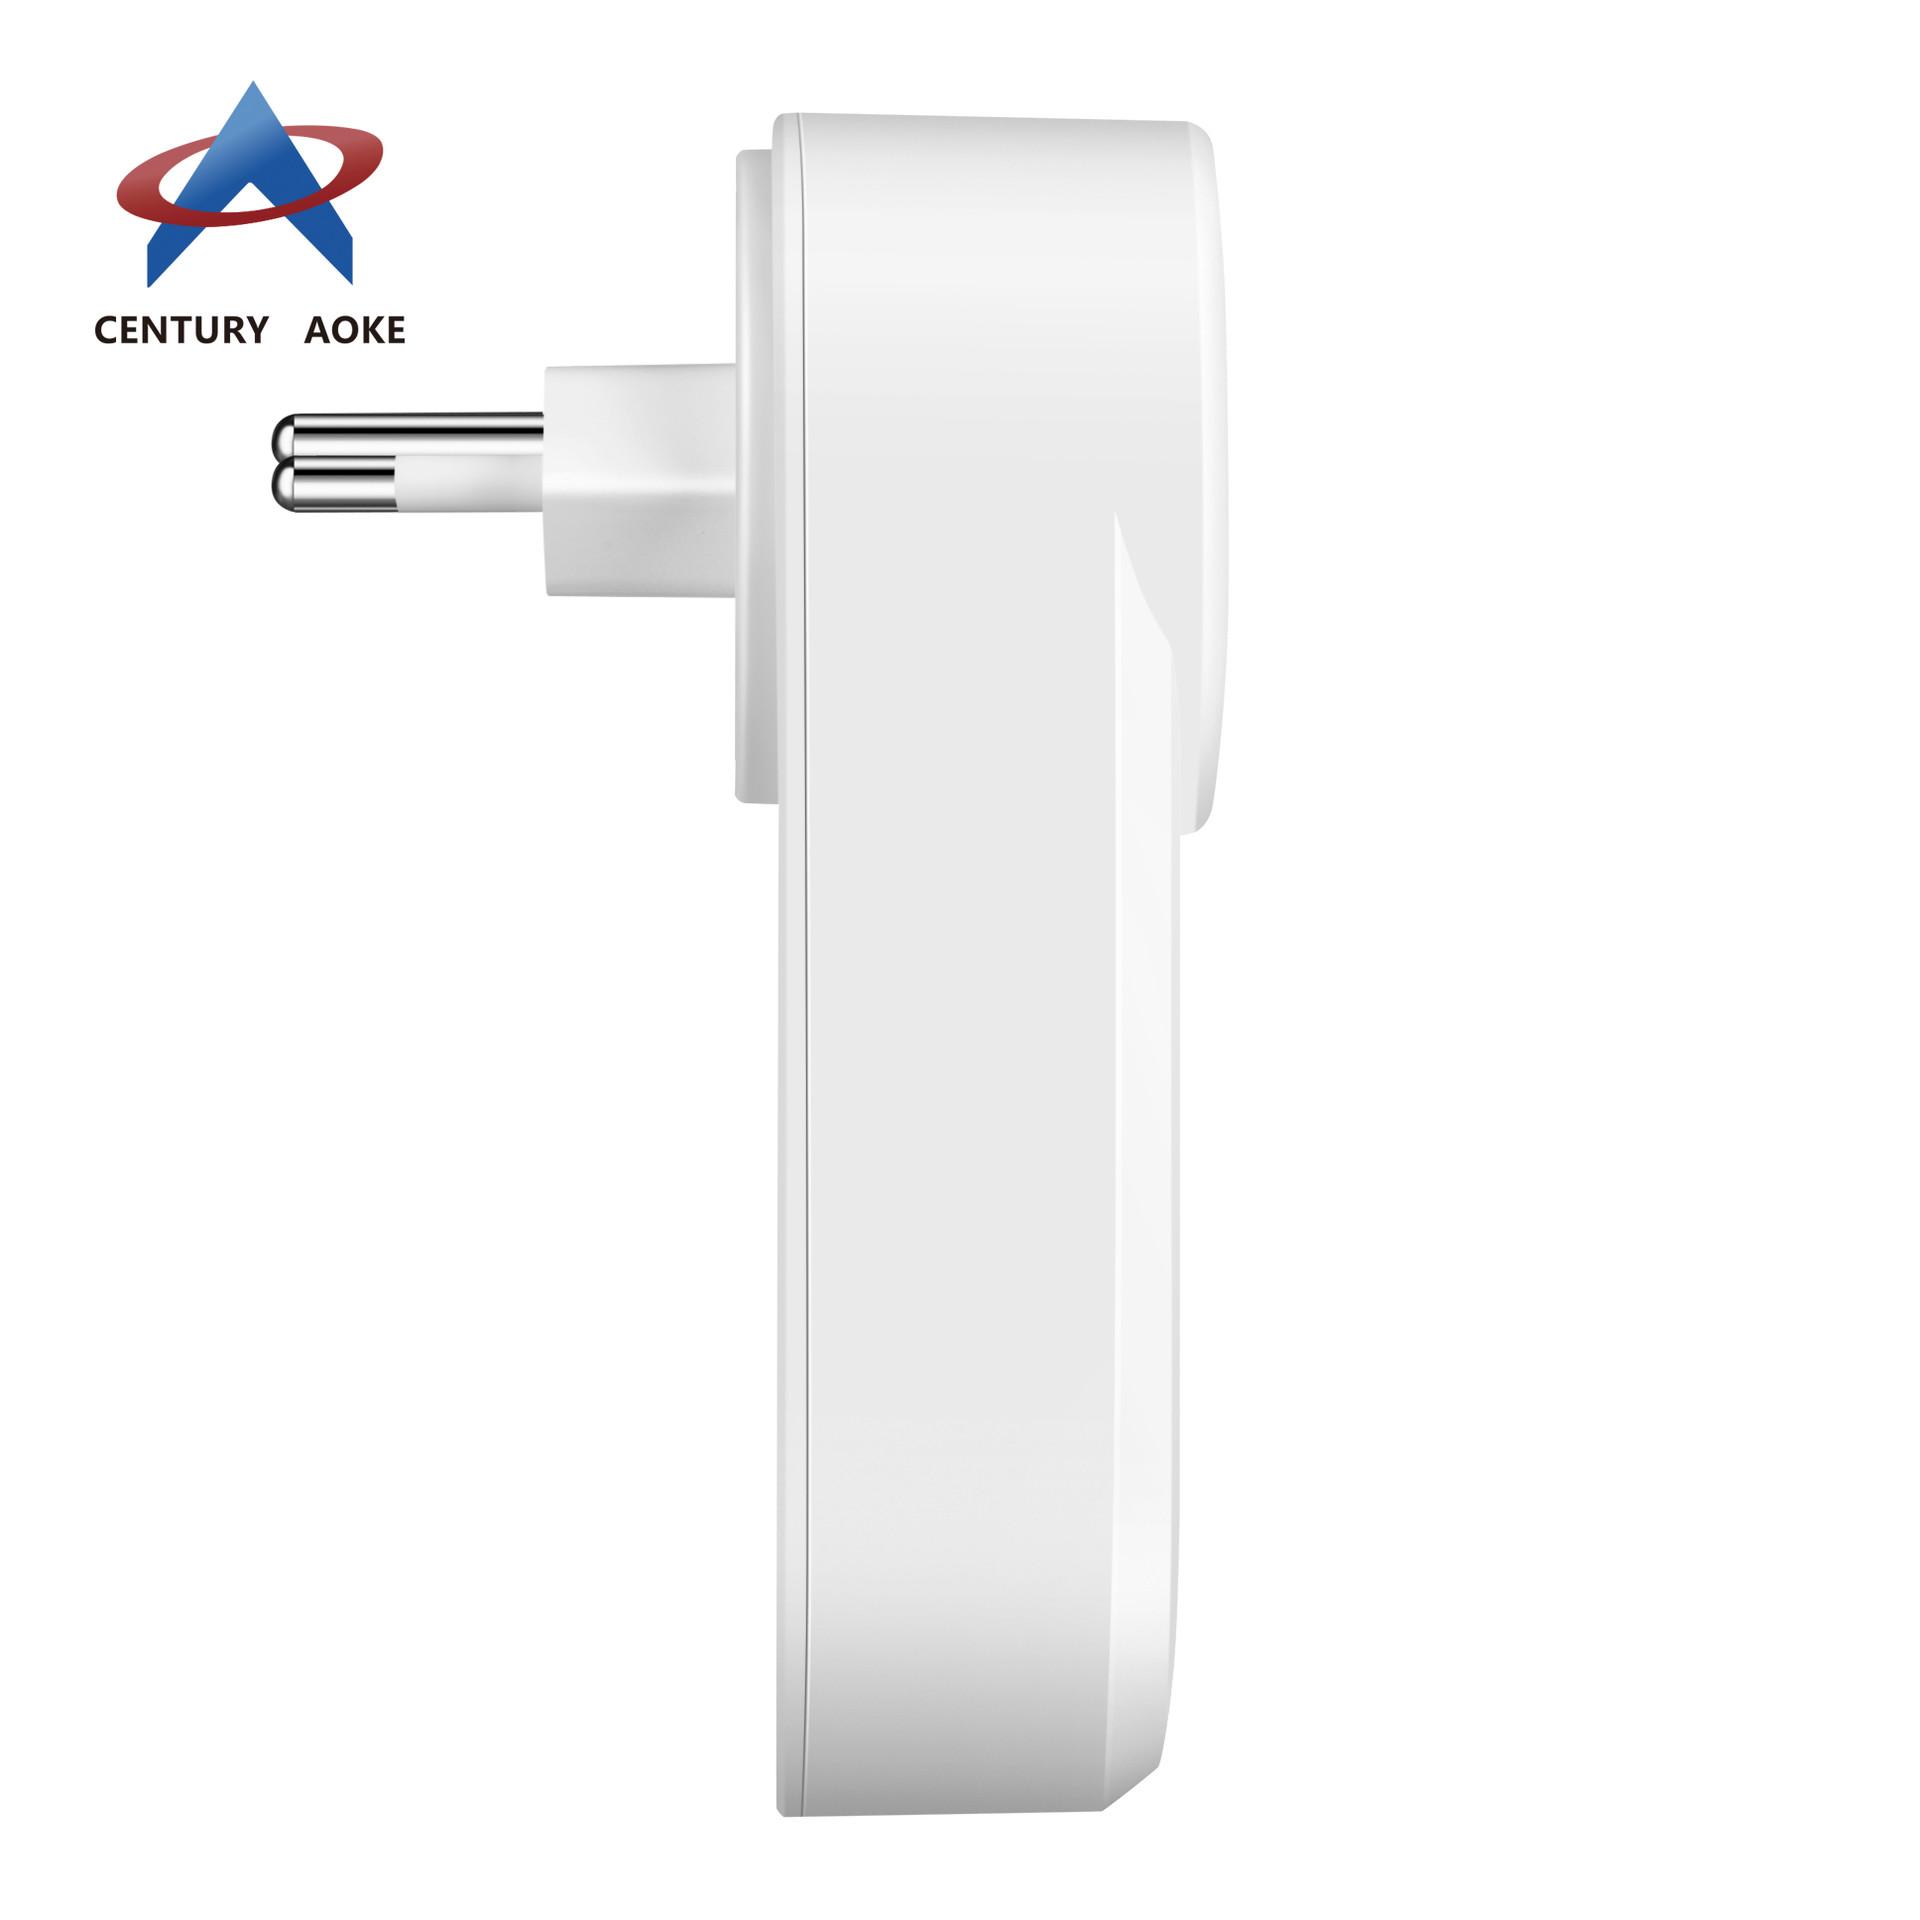 Brazilian socket wifi smart socket outlet AK-P51W-04F